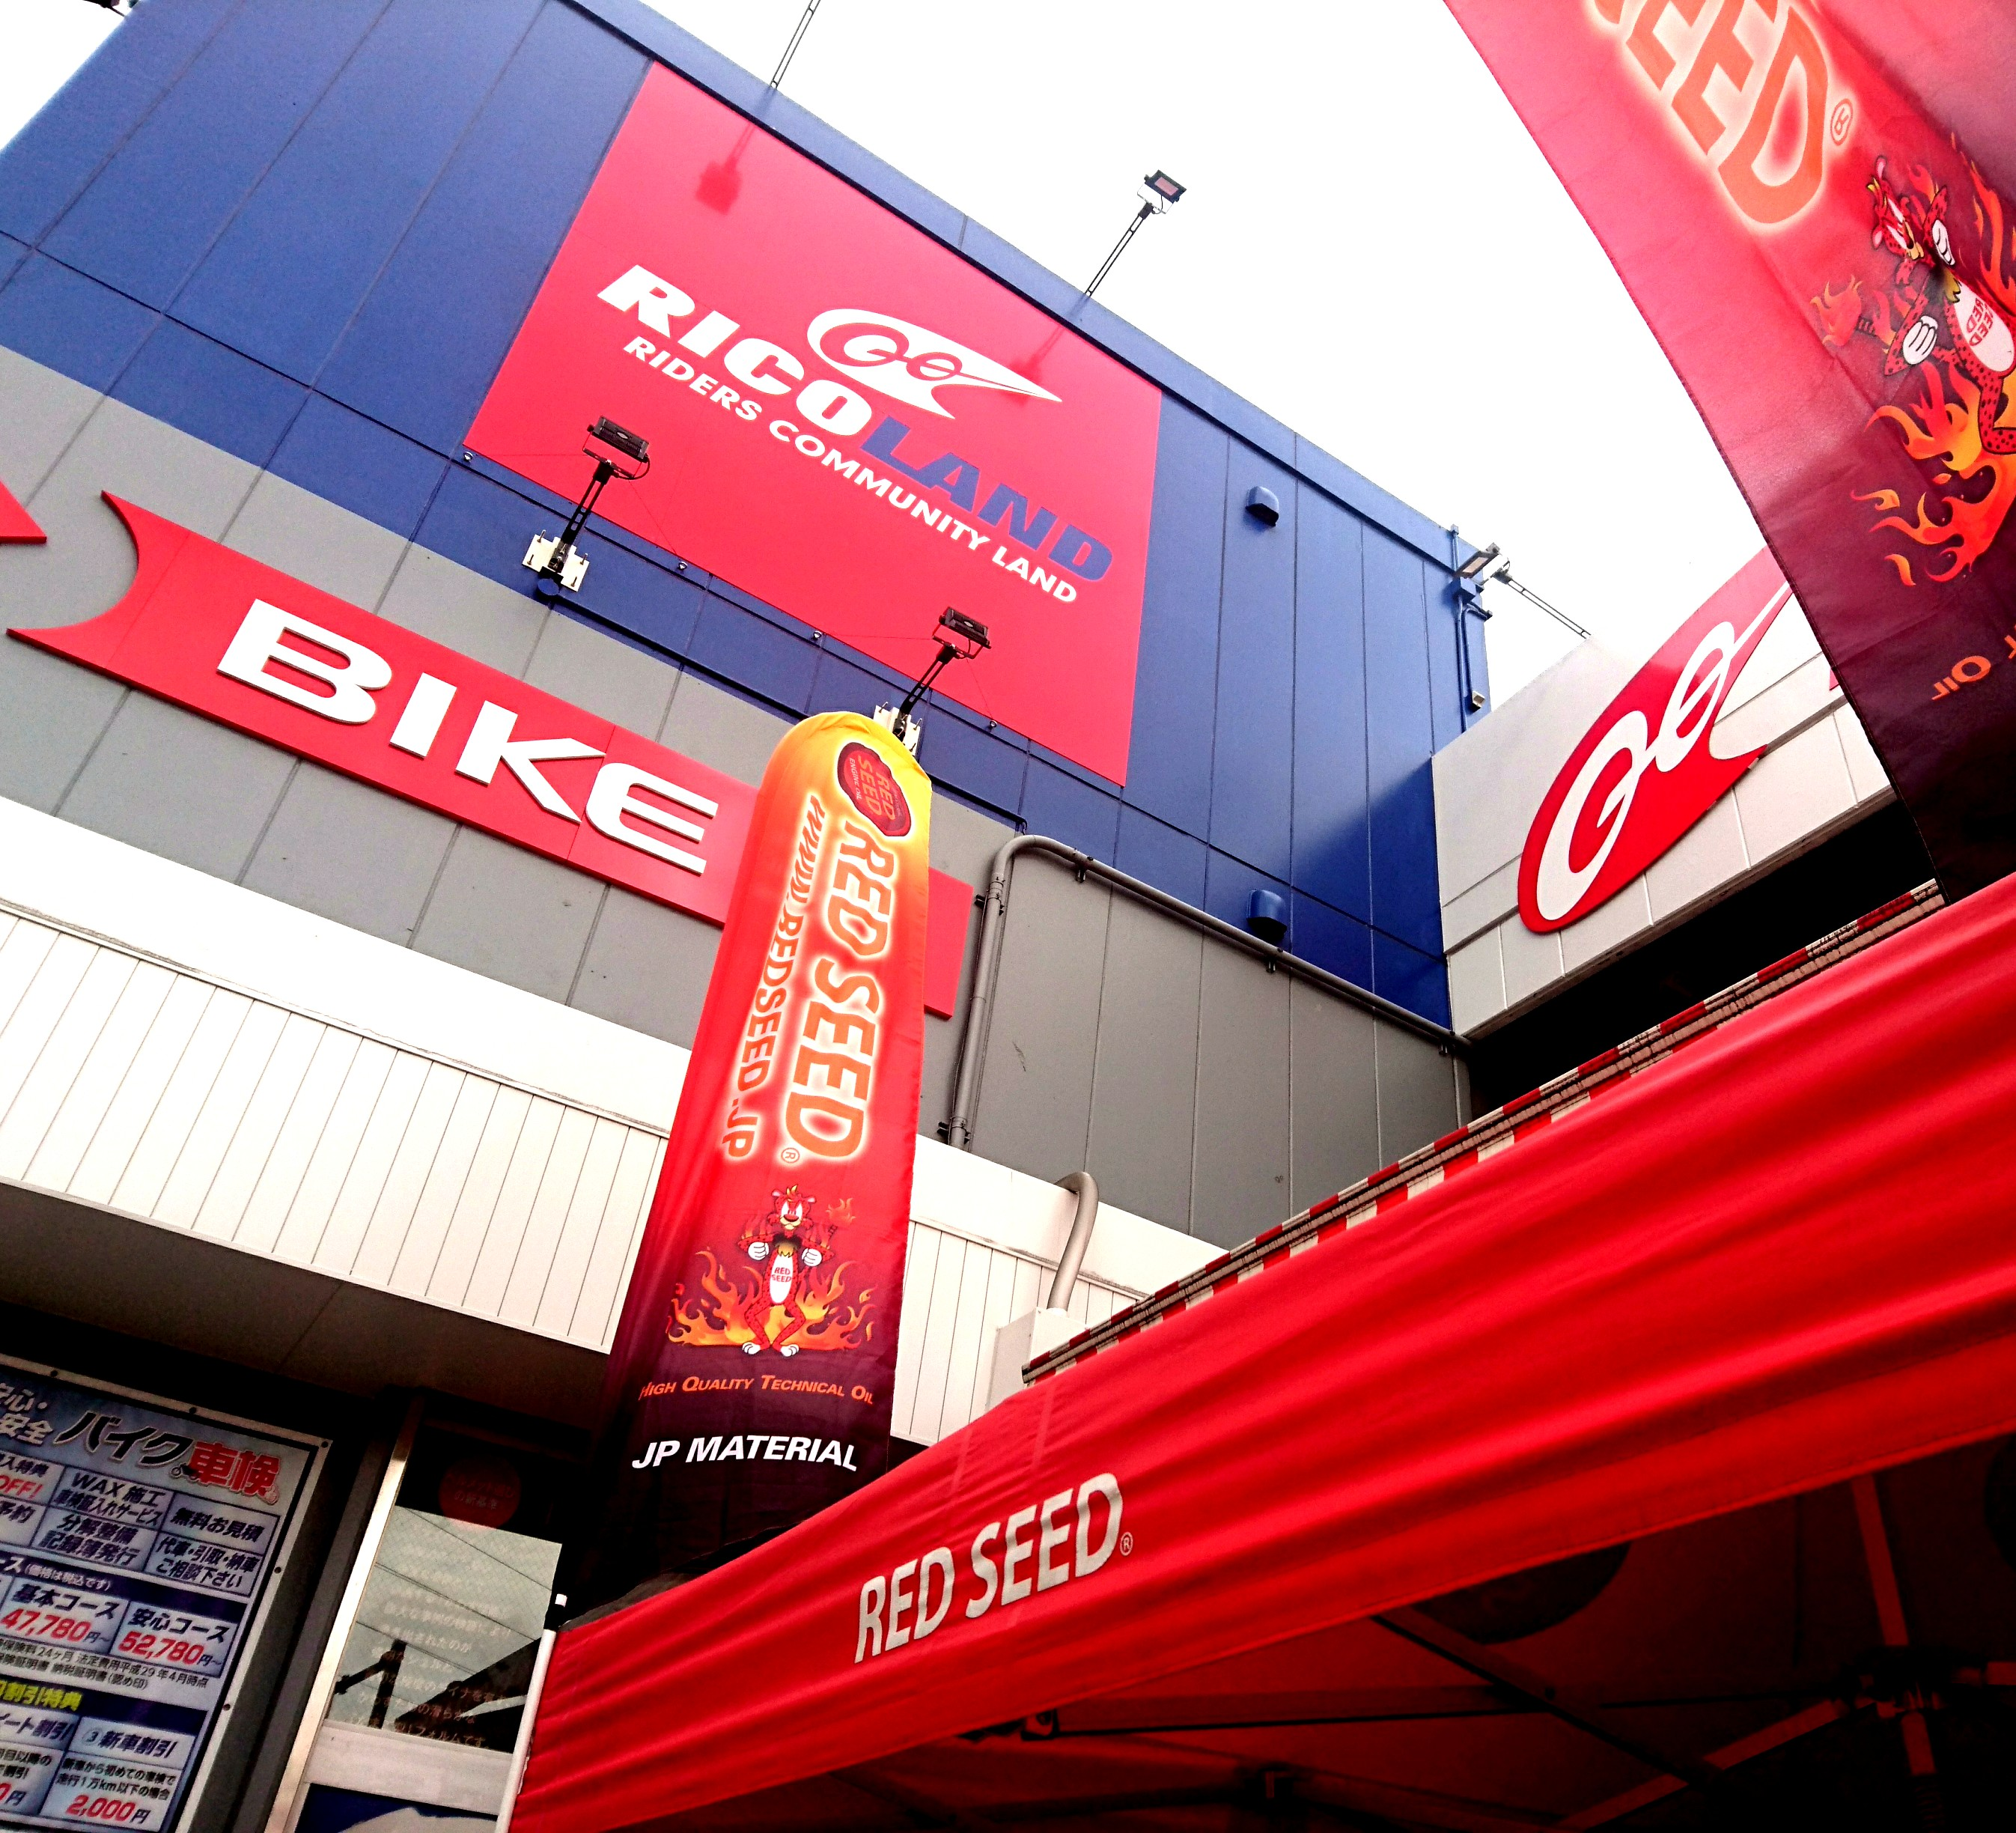 8月3日(土)・4日(日)ライコランド新横浜店にて、REDSEEDサマーイベントを開催。